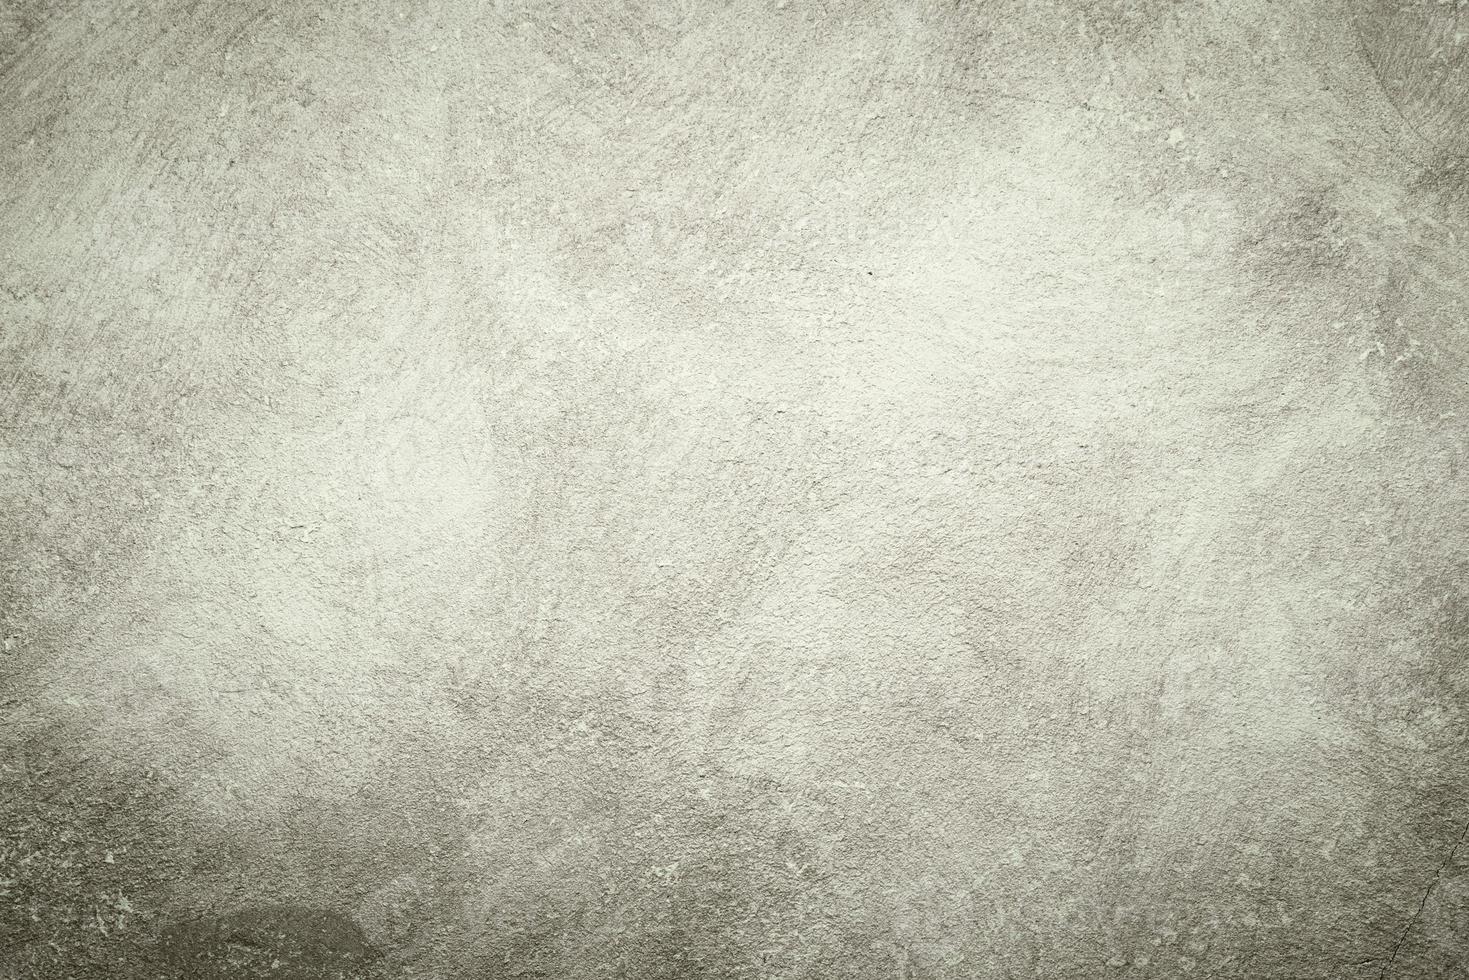 roccia astratta sfondo neutro muro foto